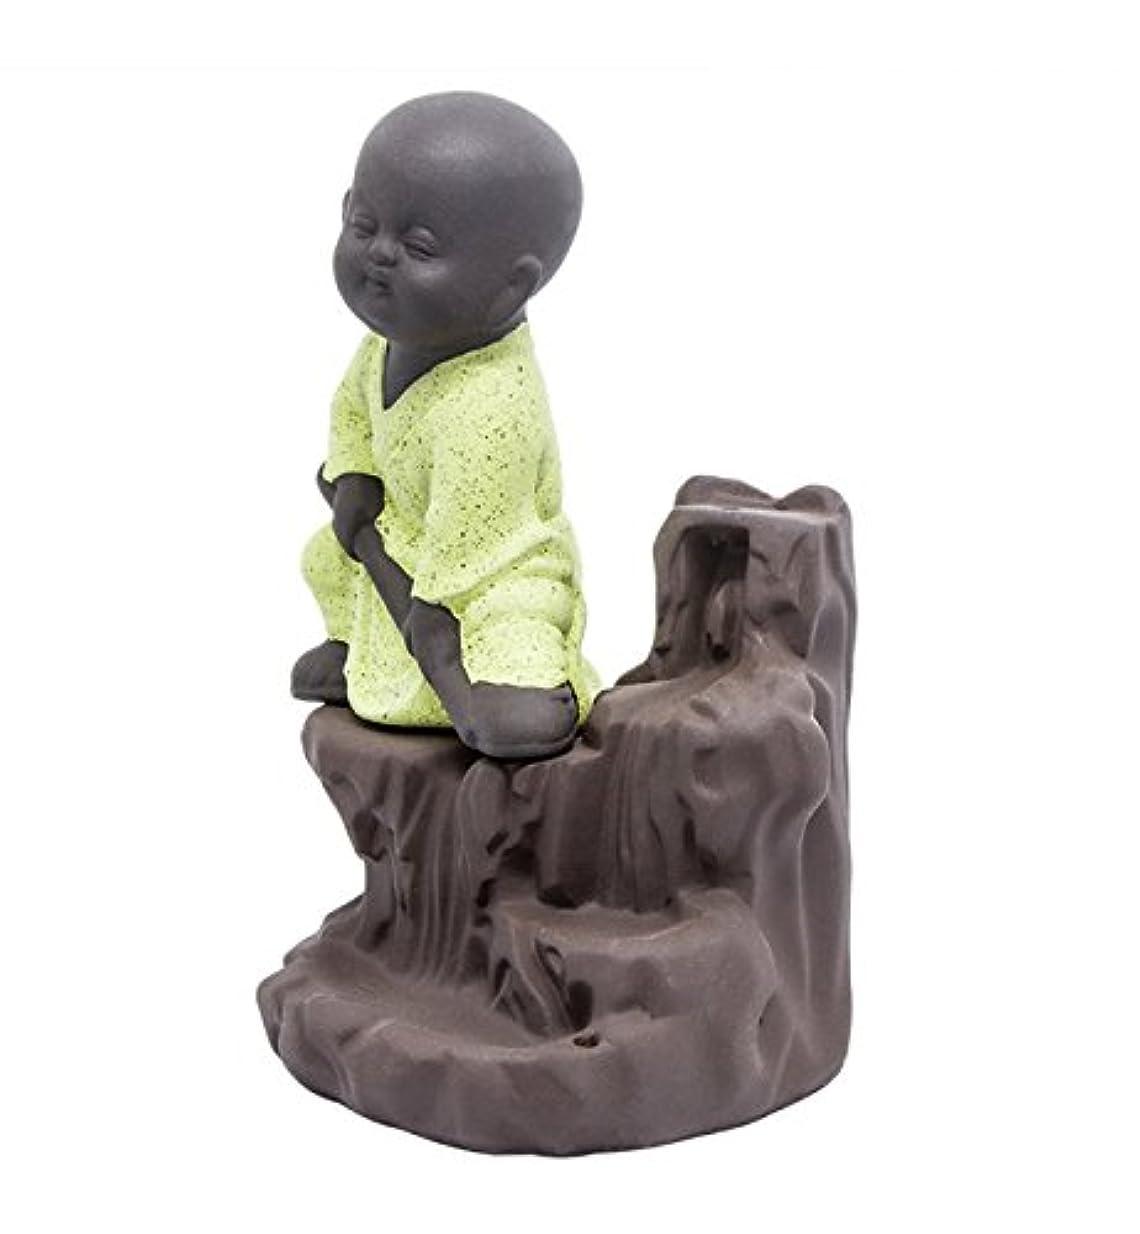 逆流香炉タワーCones Sticks Little Monkホルダーセラミック磁器Buddha Monk Ashキャッチャーby Simon & # xff08 ;イエロー& # xff09 ;